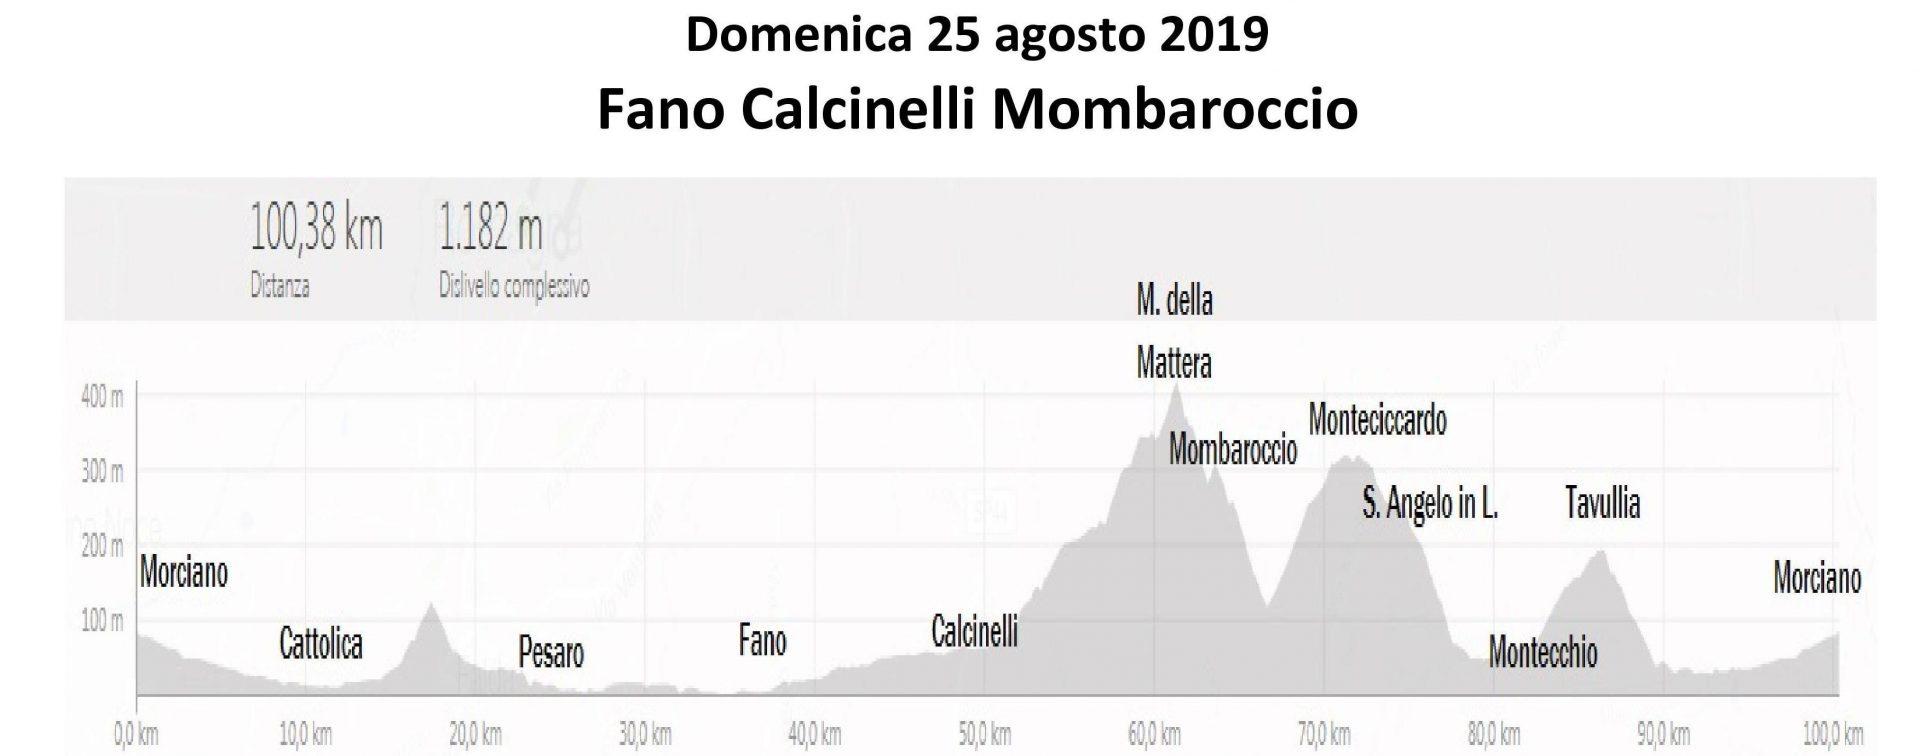 Domenica 25-ago-2019 Fano Calcinelli Mombaroccio